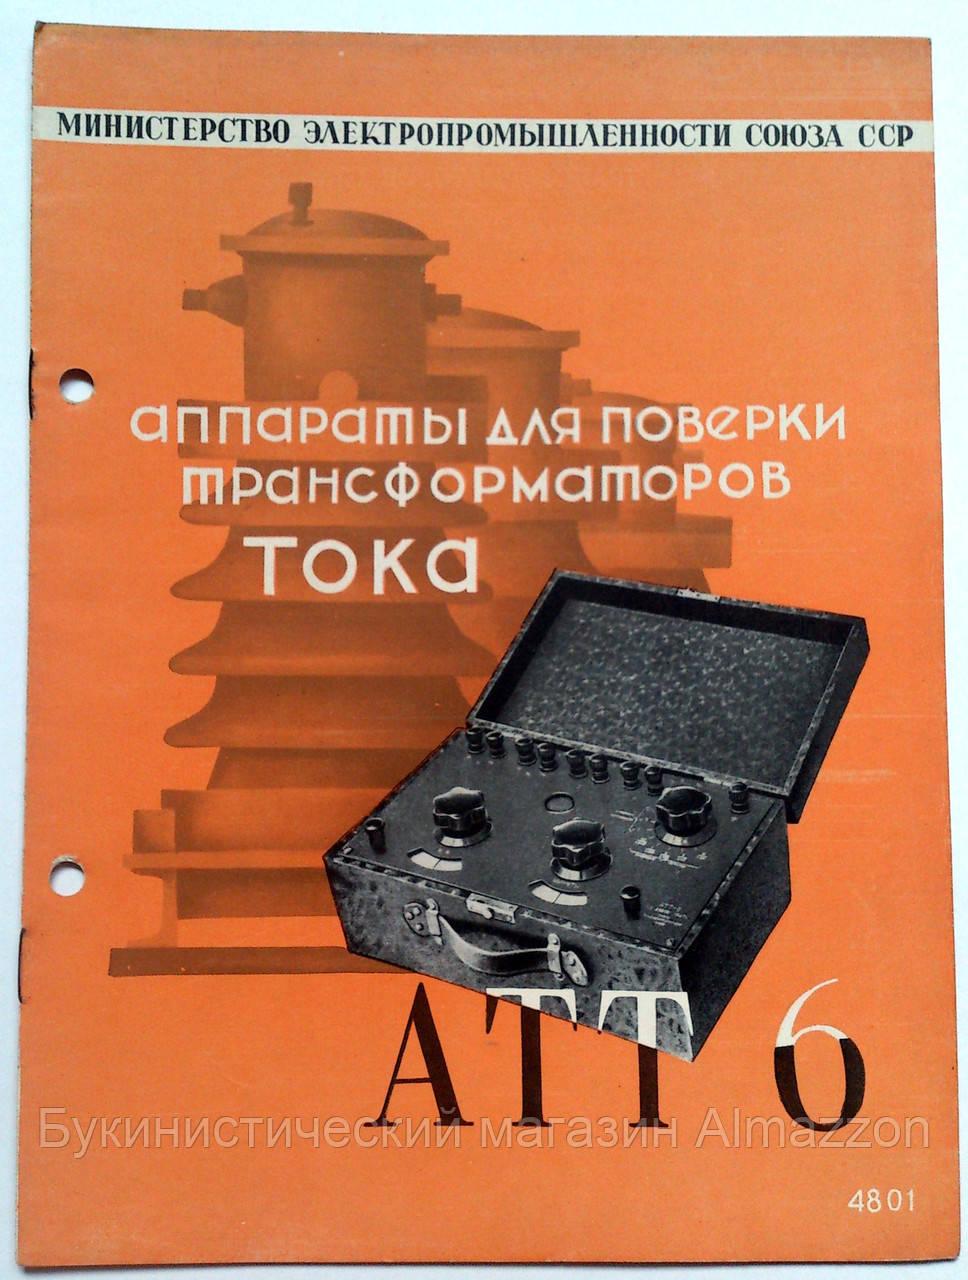 """Журнал (Бюллетень) """"Аппараты для поверки трансформаторов тока АТТ-6"""" 1949 год"""